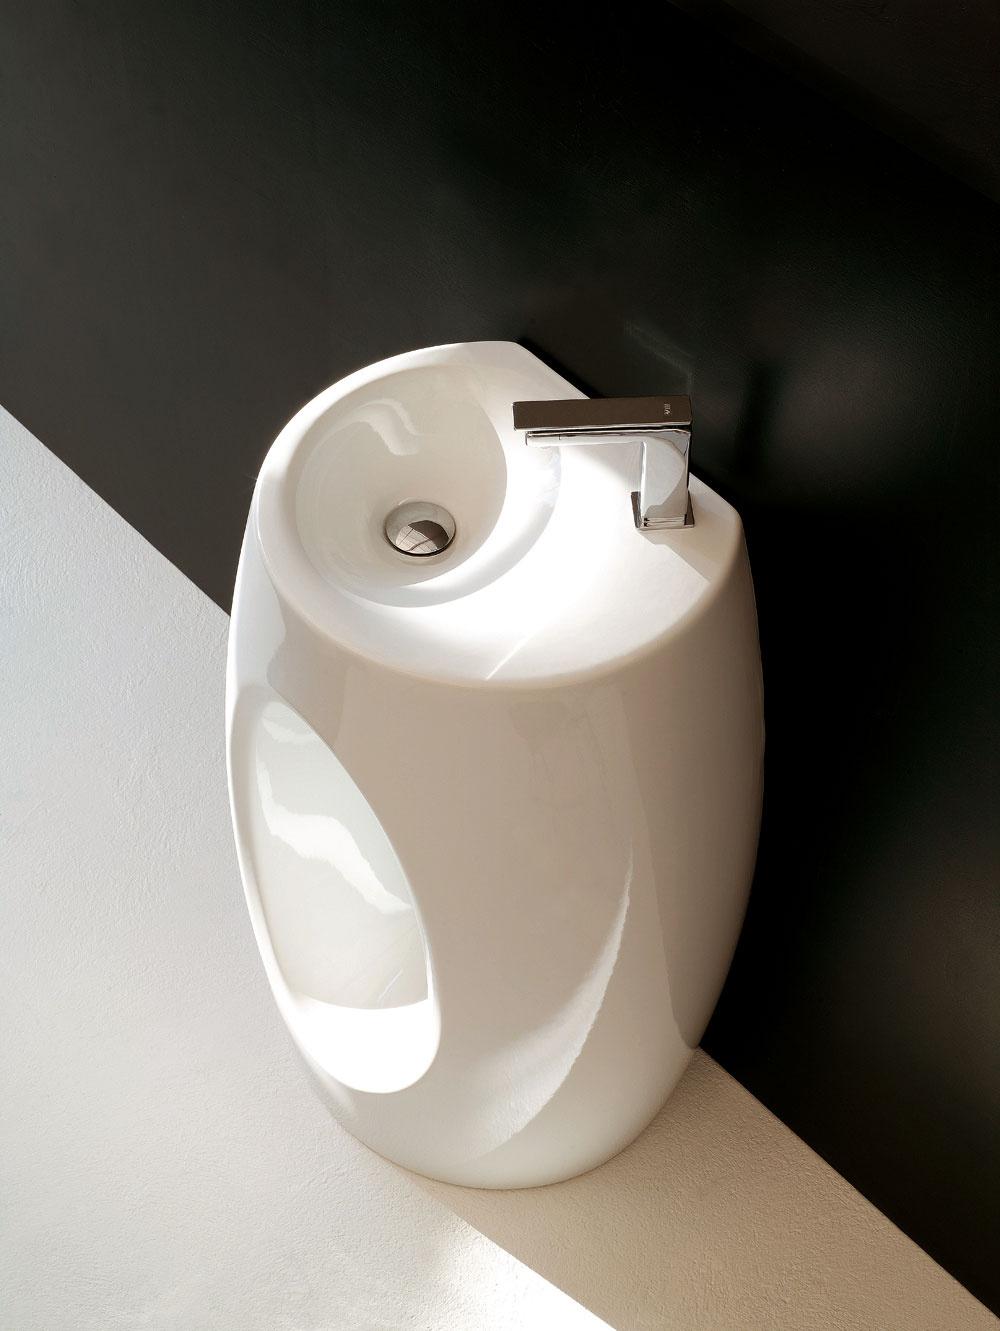 Stojace keramické umývadlo Hall od firmy the.artceram. Rozmery: 60 × 40 × 85 cm. Cena 2 640 €.  Predáva PolySystem.